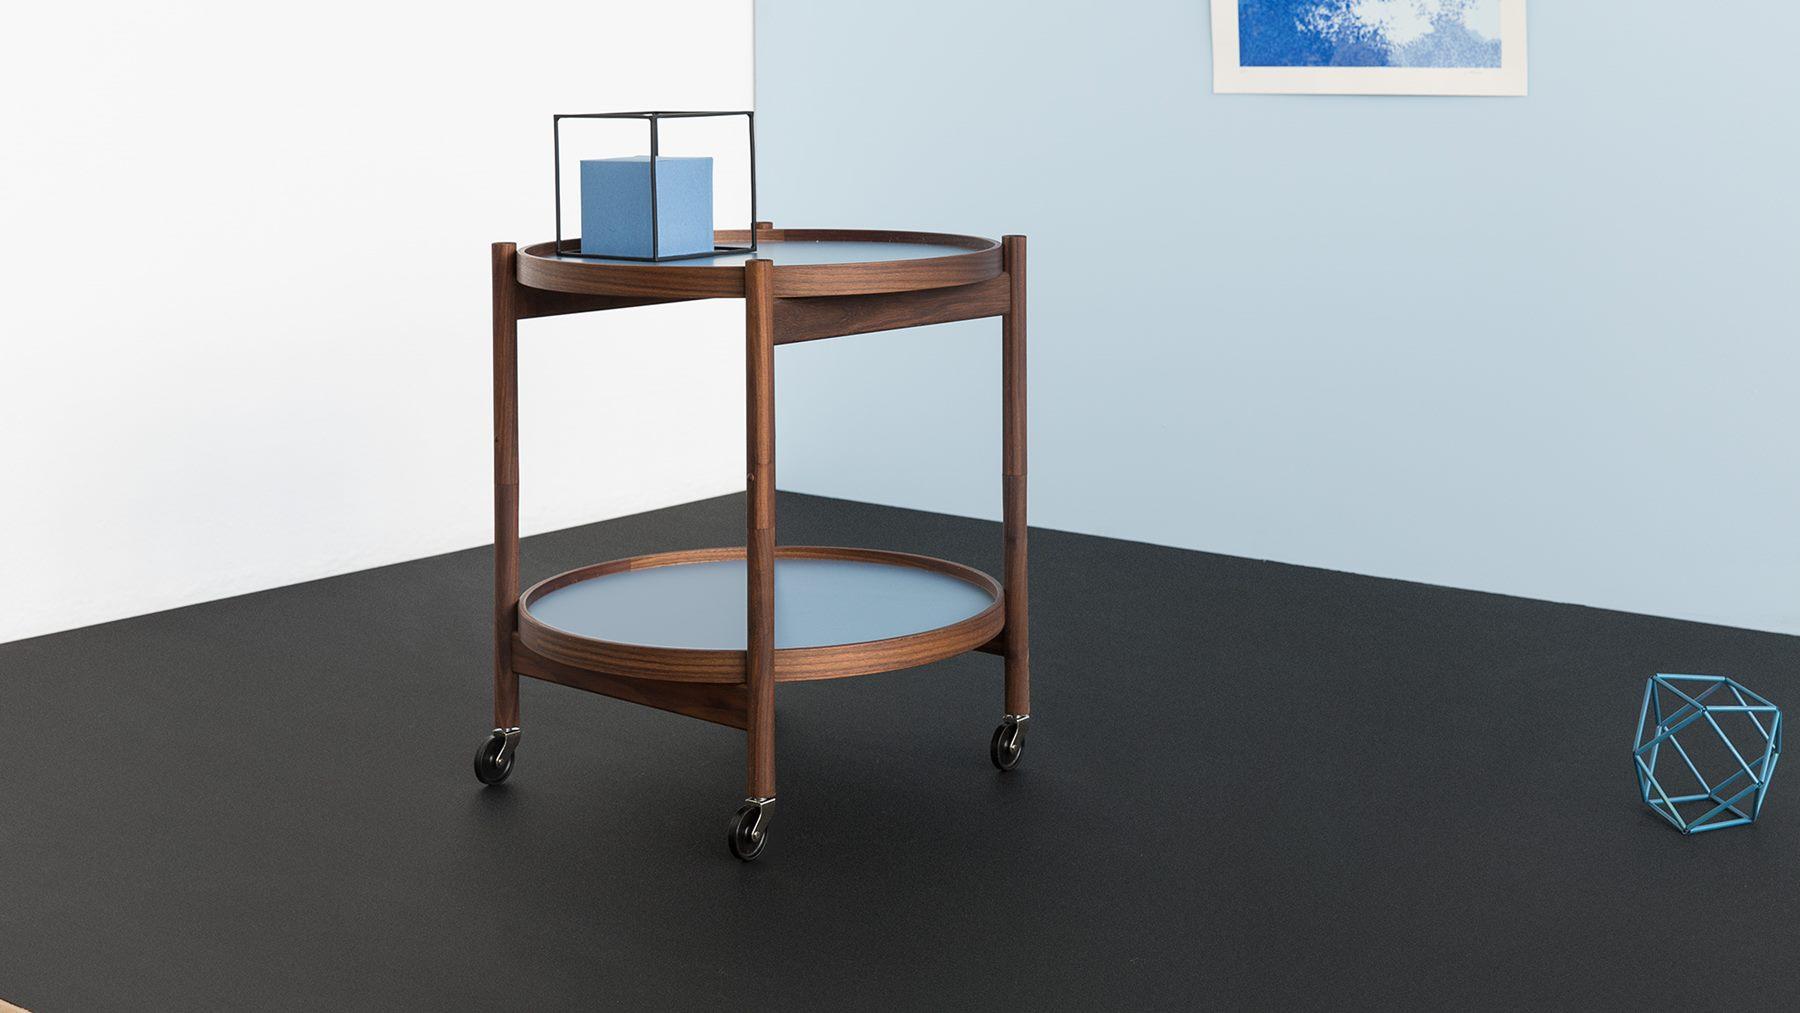 Необычный журнальный столик с современным дизайном, фото столика Bolling Tray Table